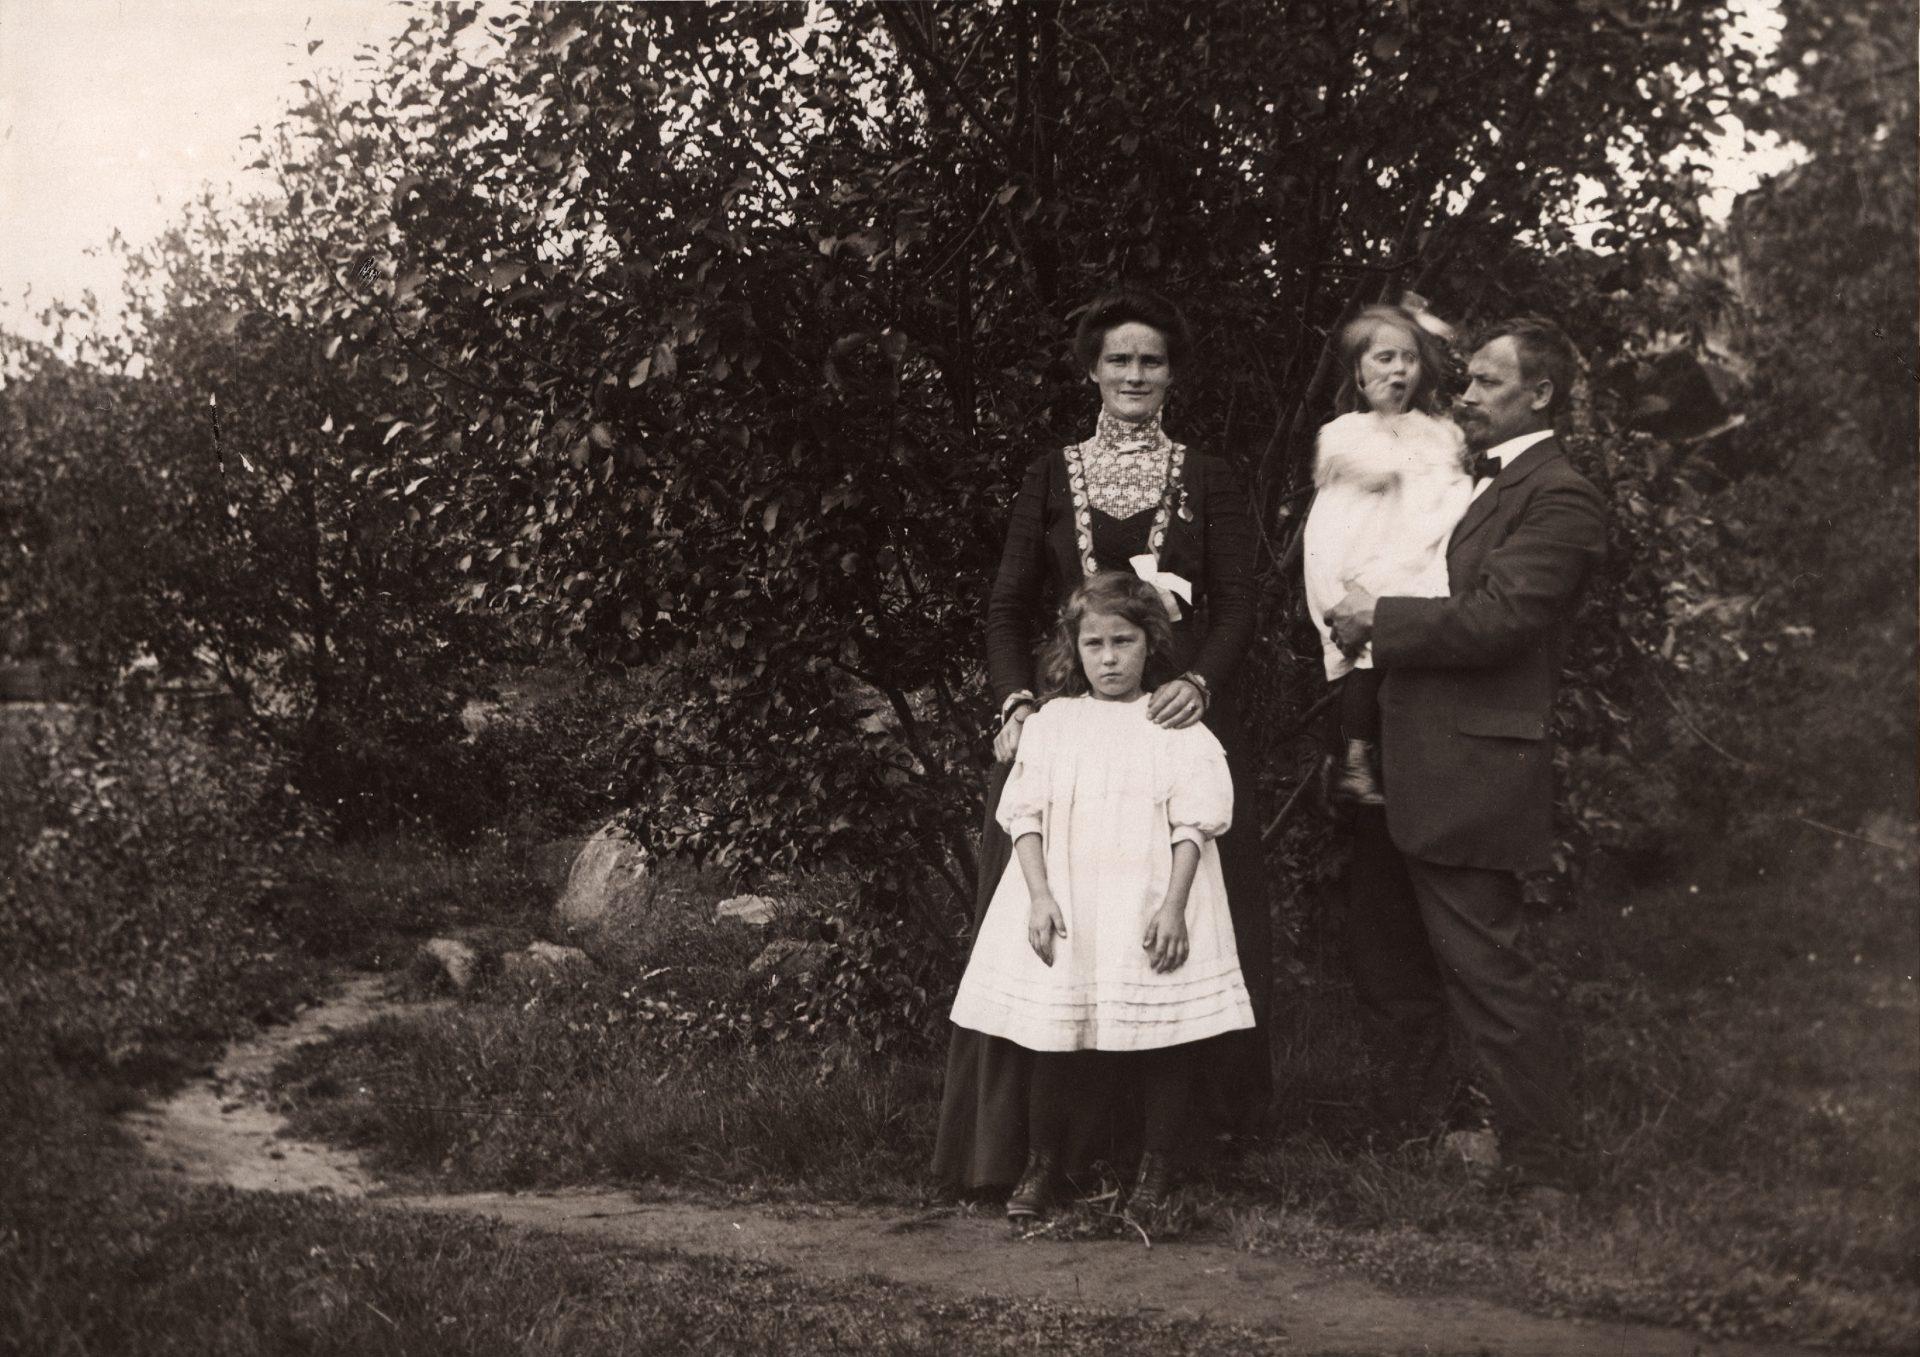 Svartvitt foto. En kvinna, en man och två små barn står framför en träddunge. Framför dem går en liten stig.